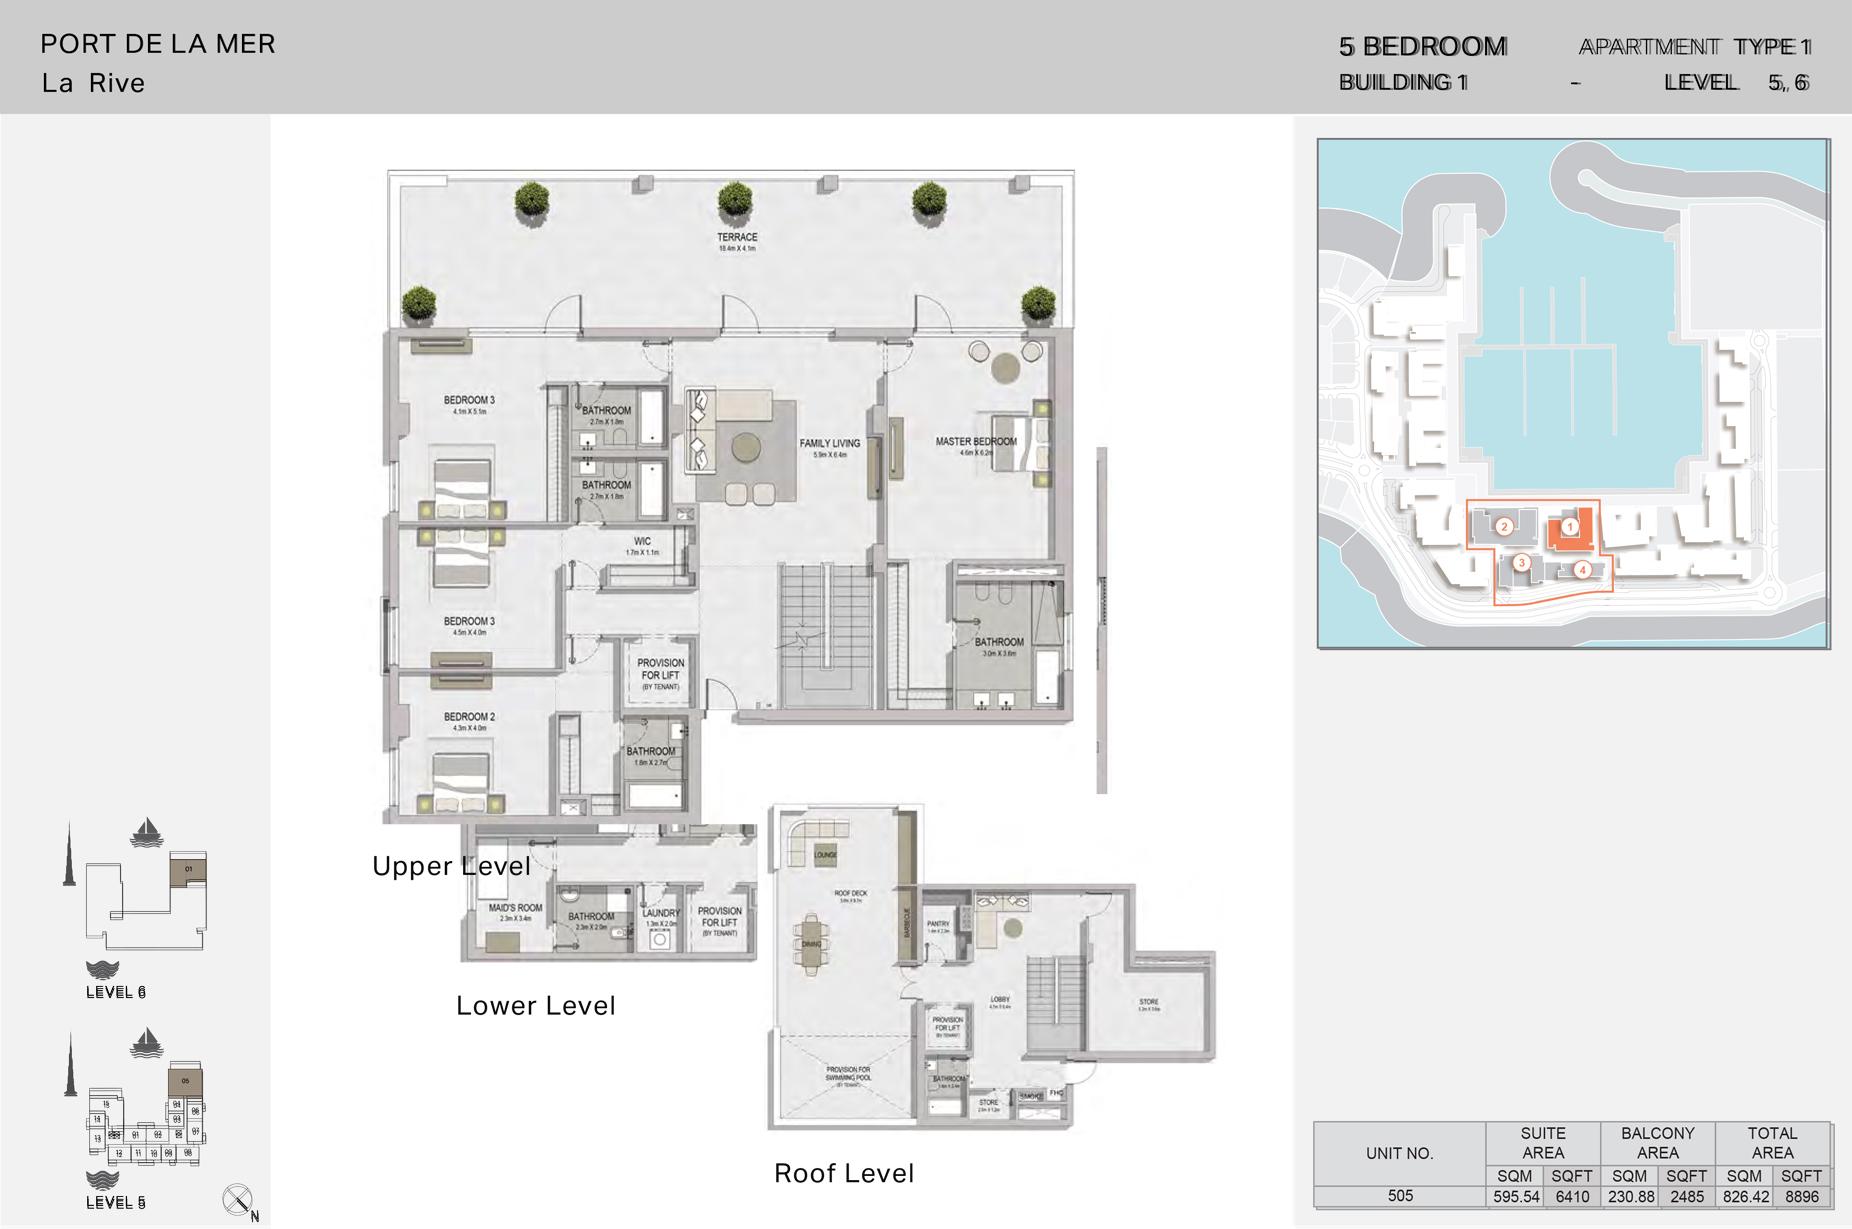 5 غرف نوم، منبى 1- نوع  1 - المساحة 8896 قدم مربع